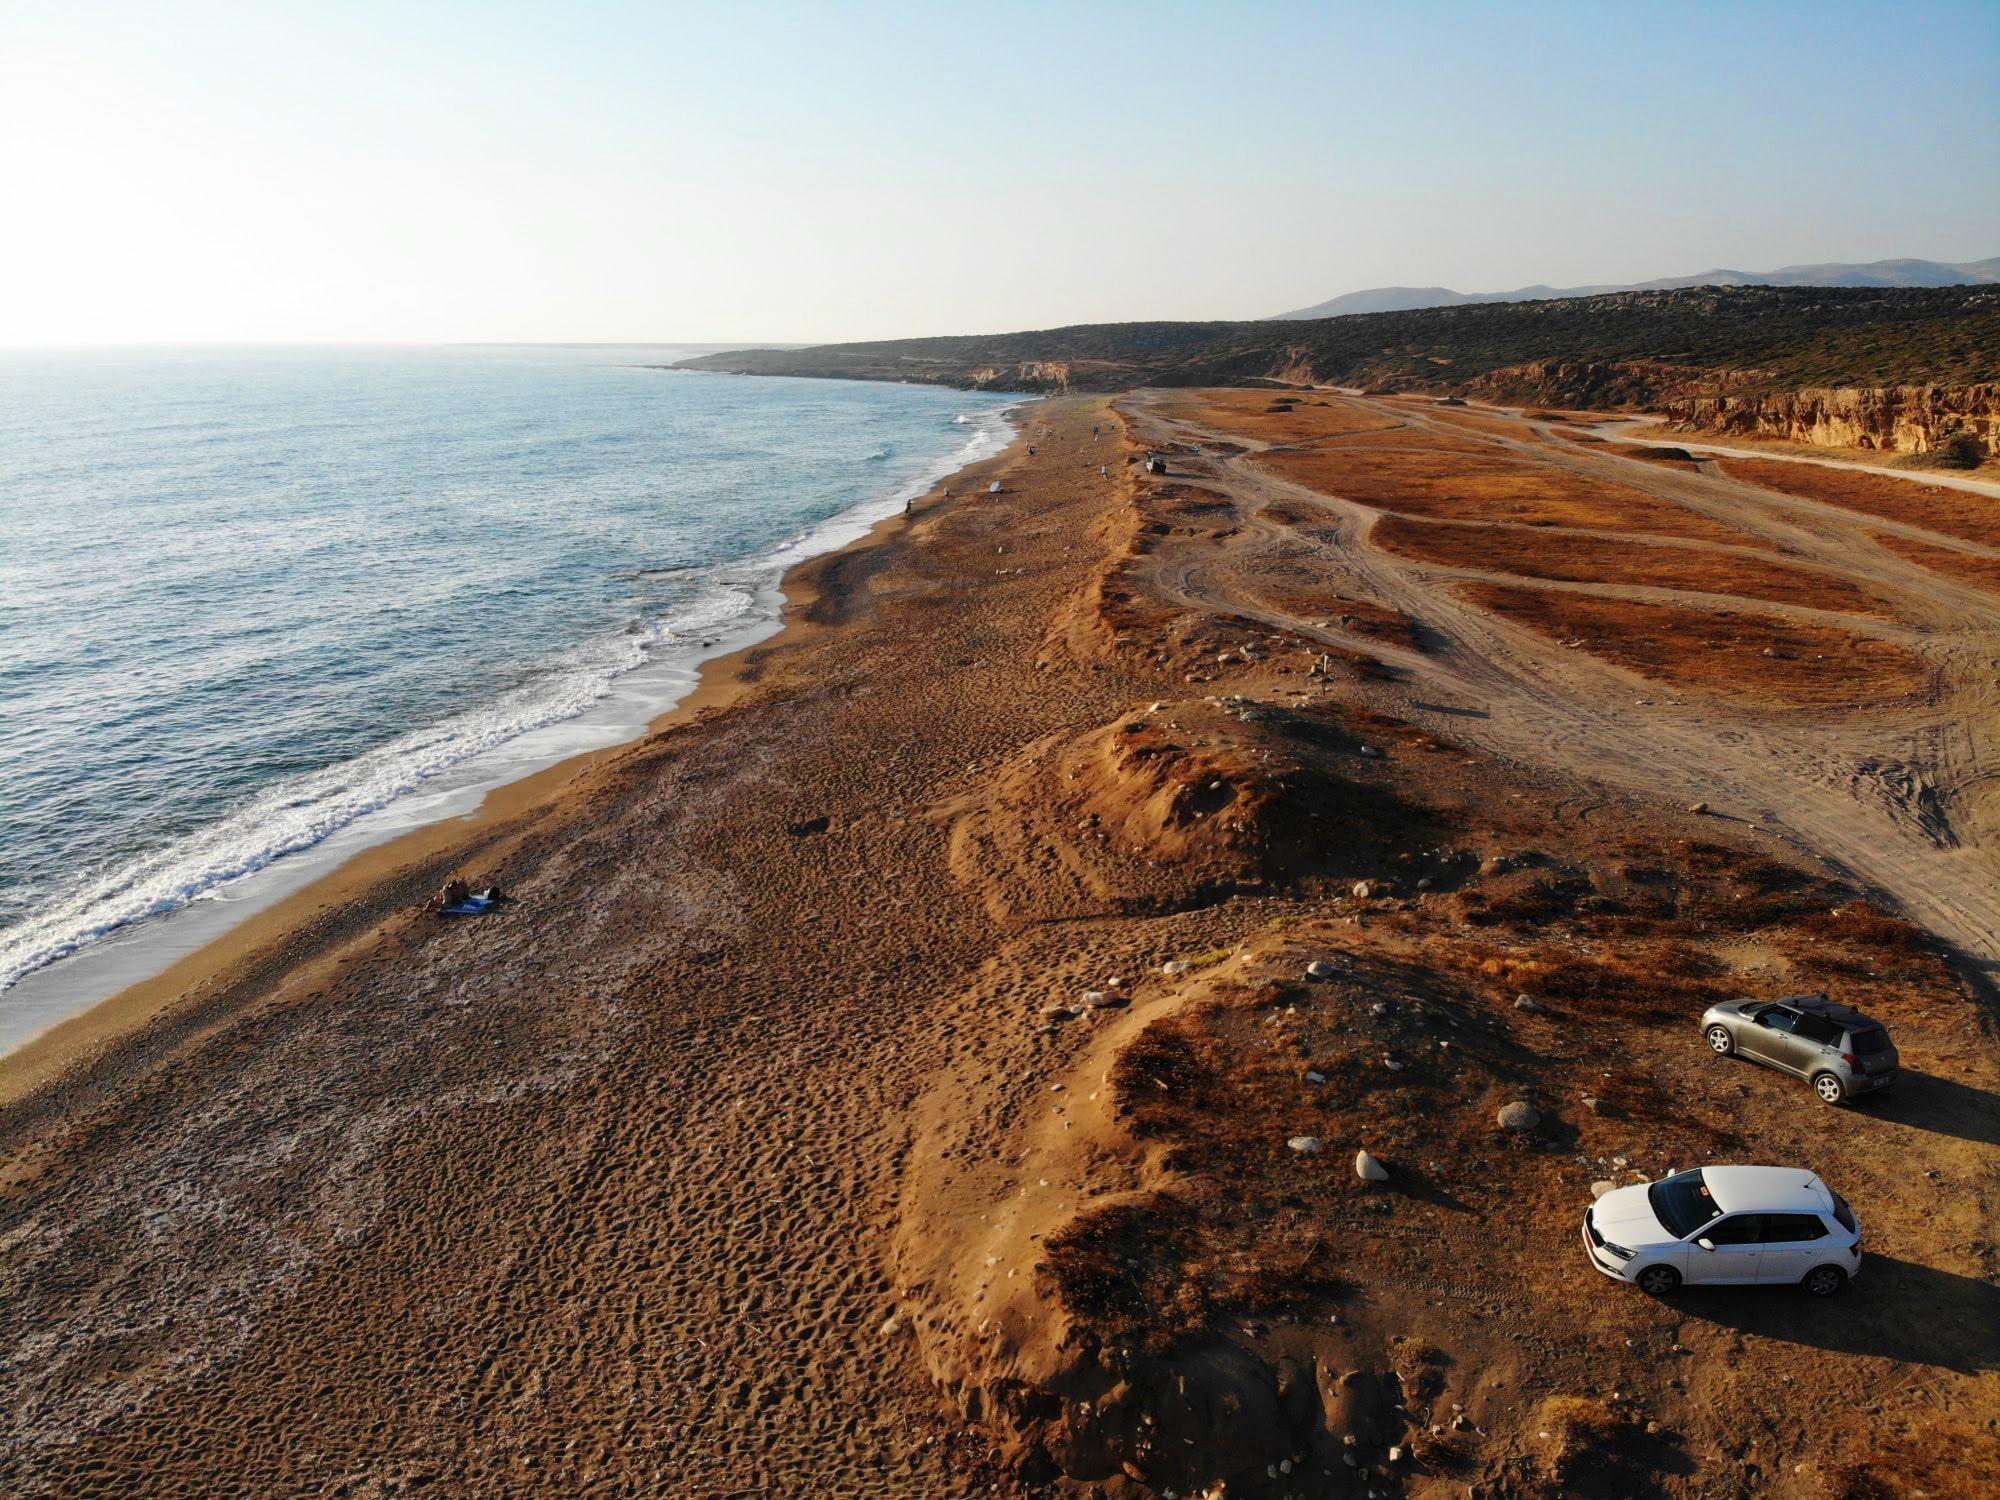 financer bersih pantai siprus 2019